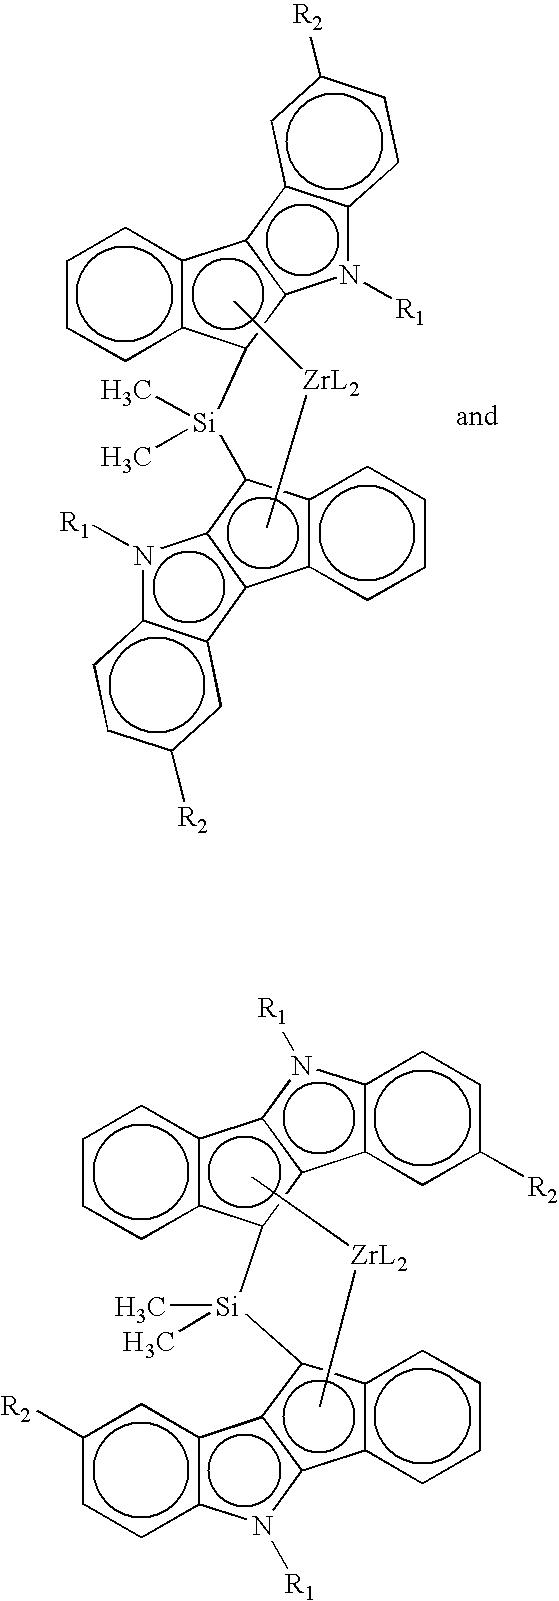 Figure US07723451-20100525-C00013